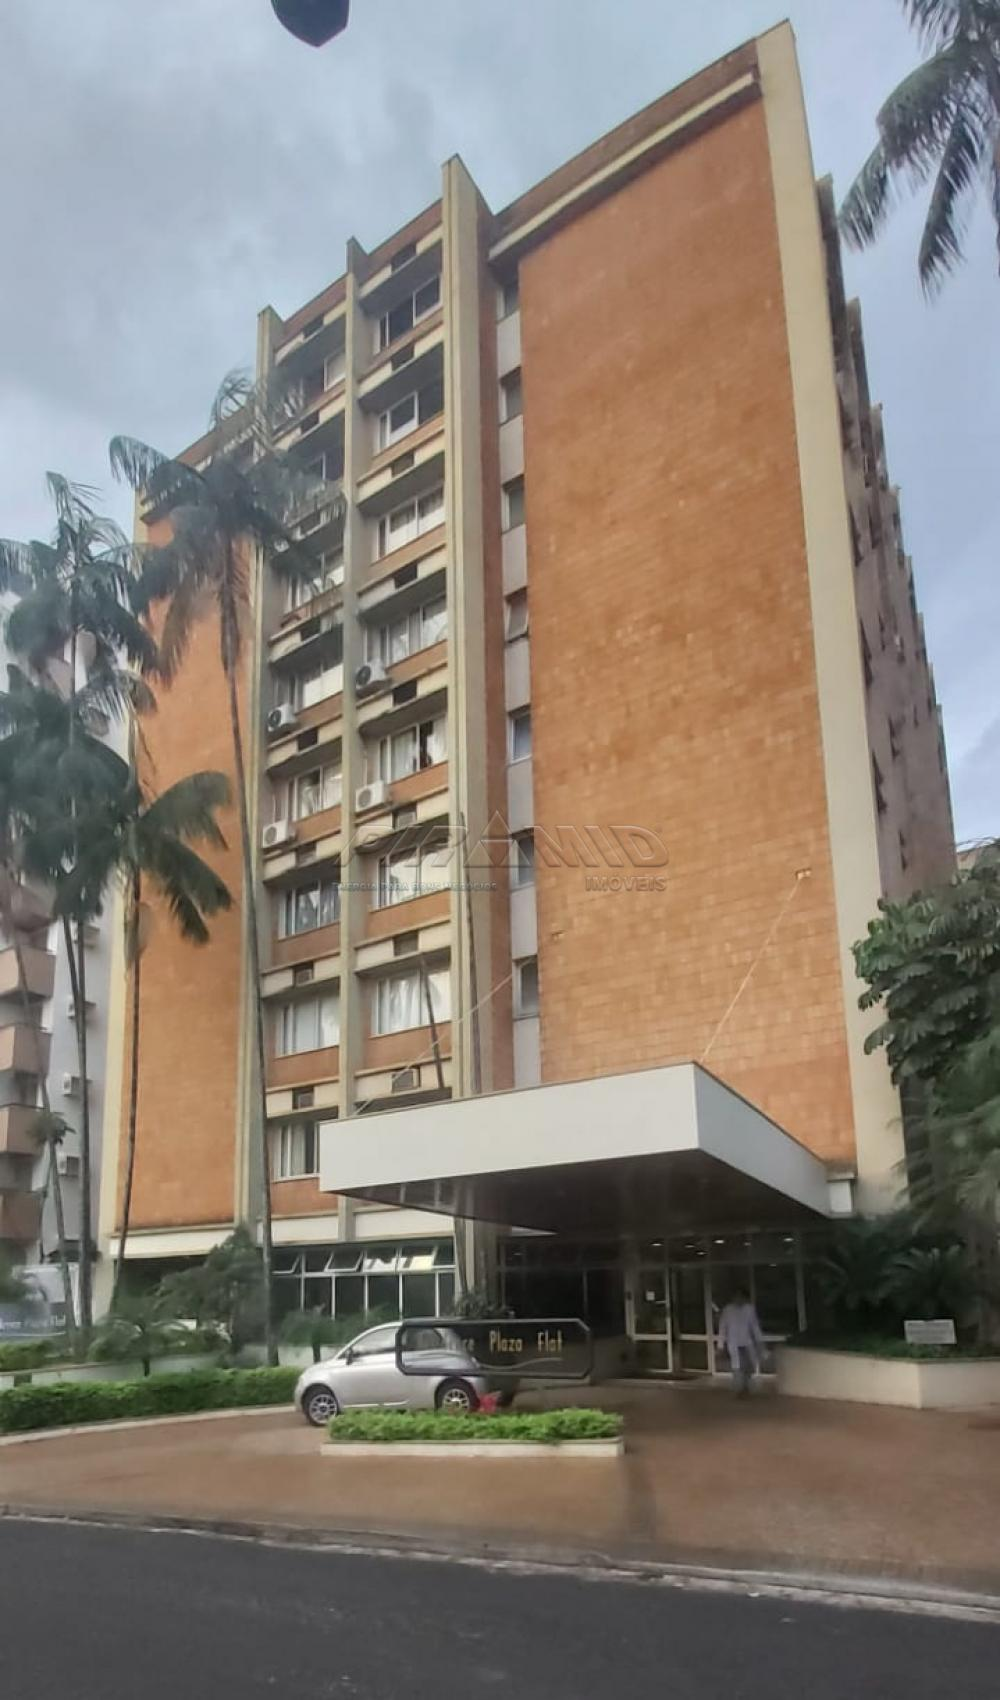 Comprar Apartamento / Flat em Ribeirão Preto apenas R$ 150.000,00 - Foto 3